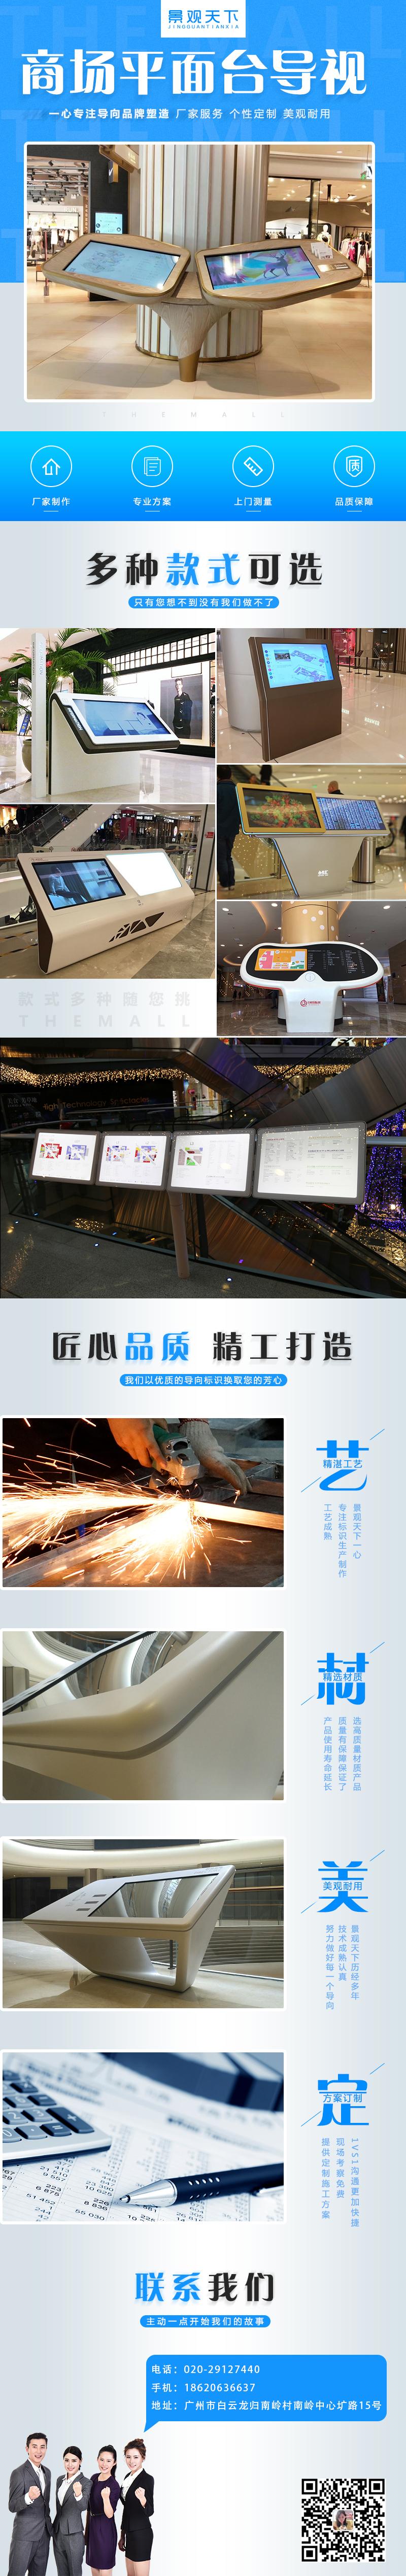 商场平面台导视